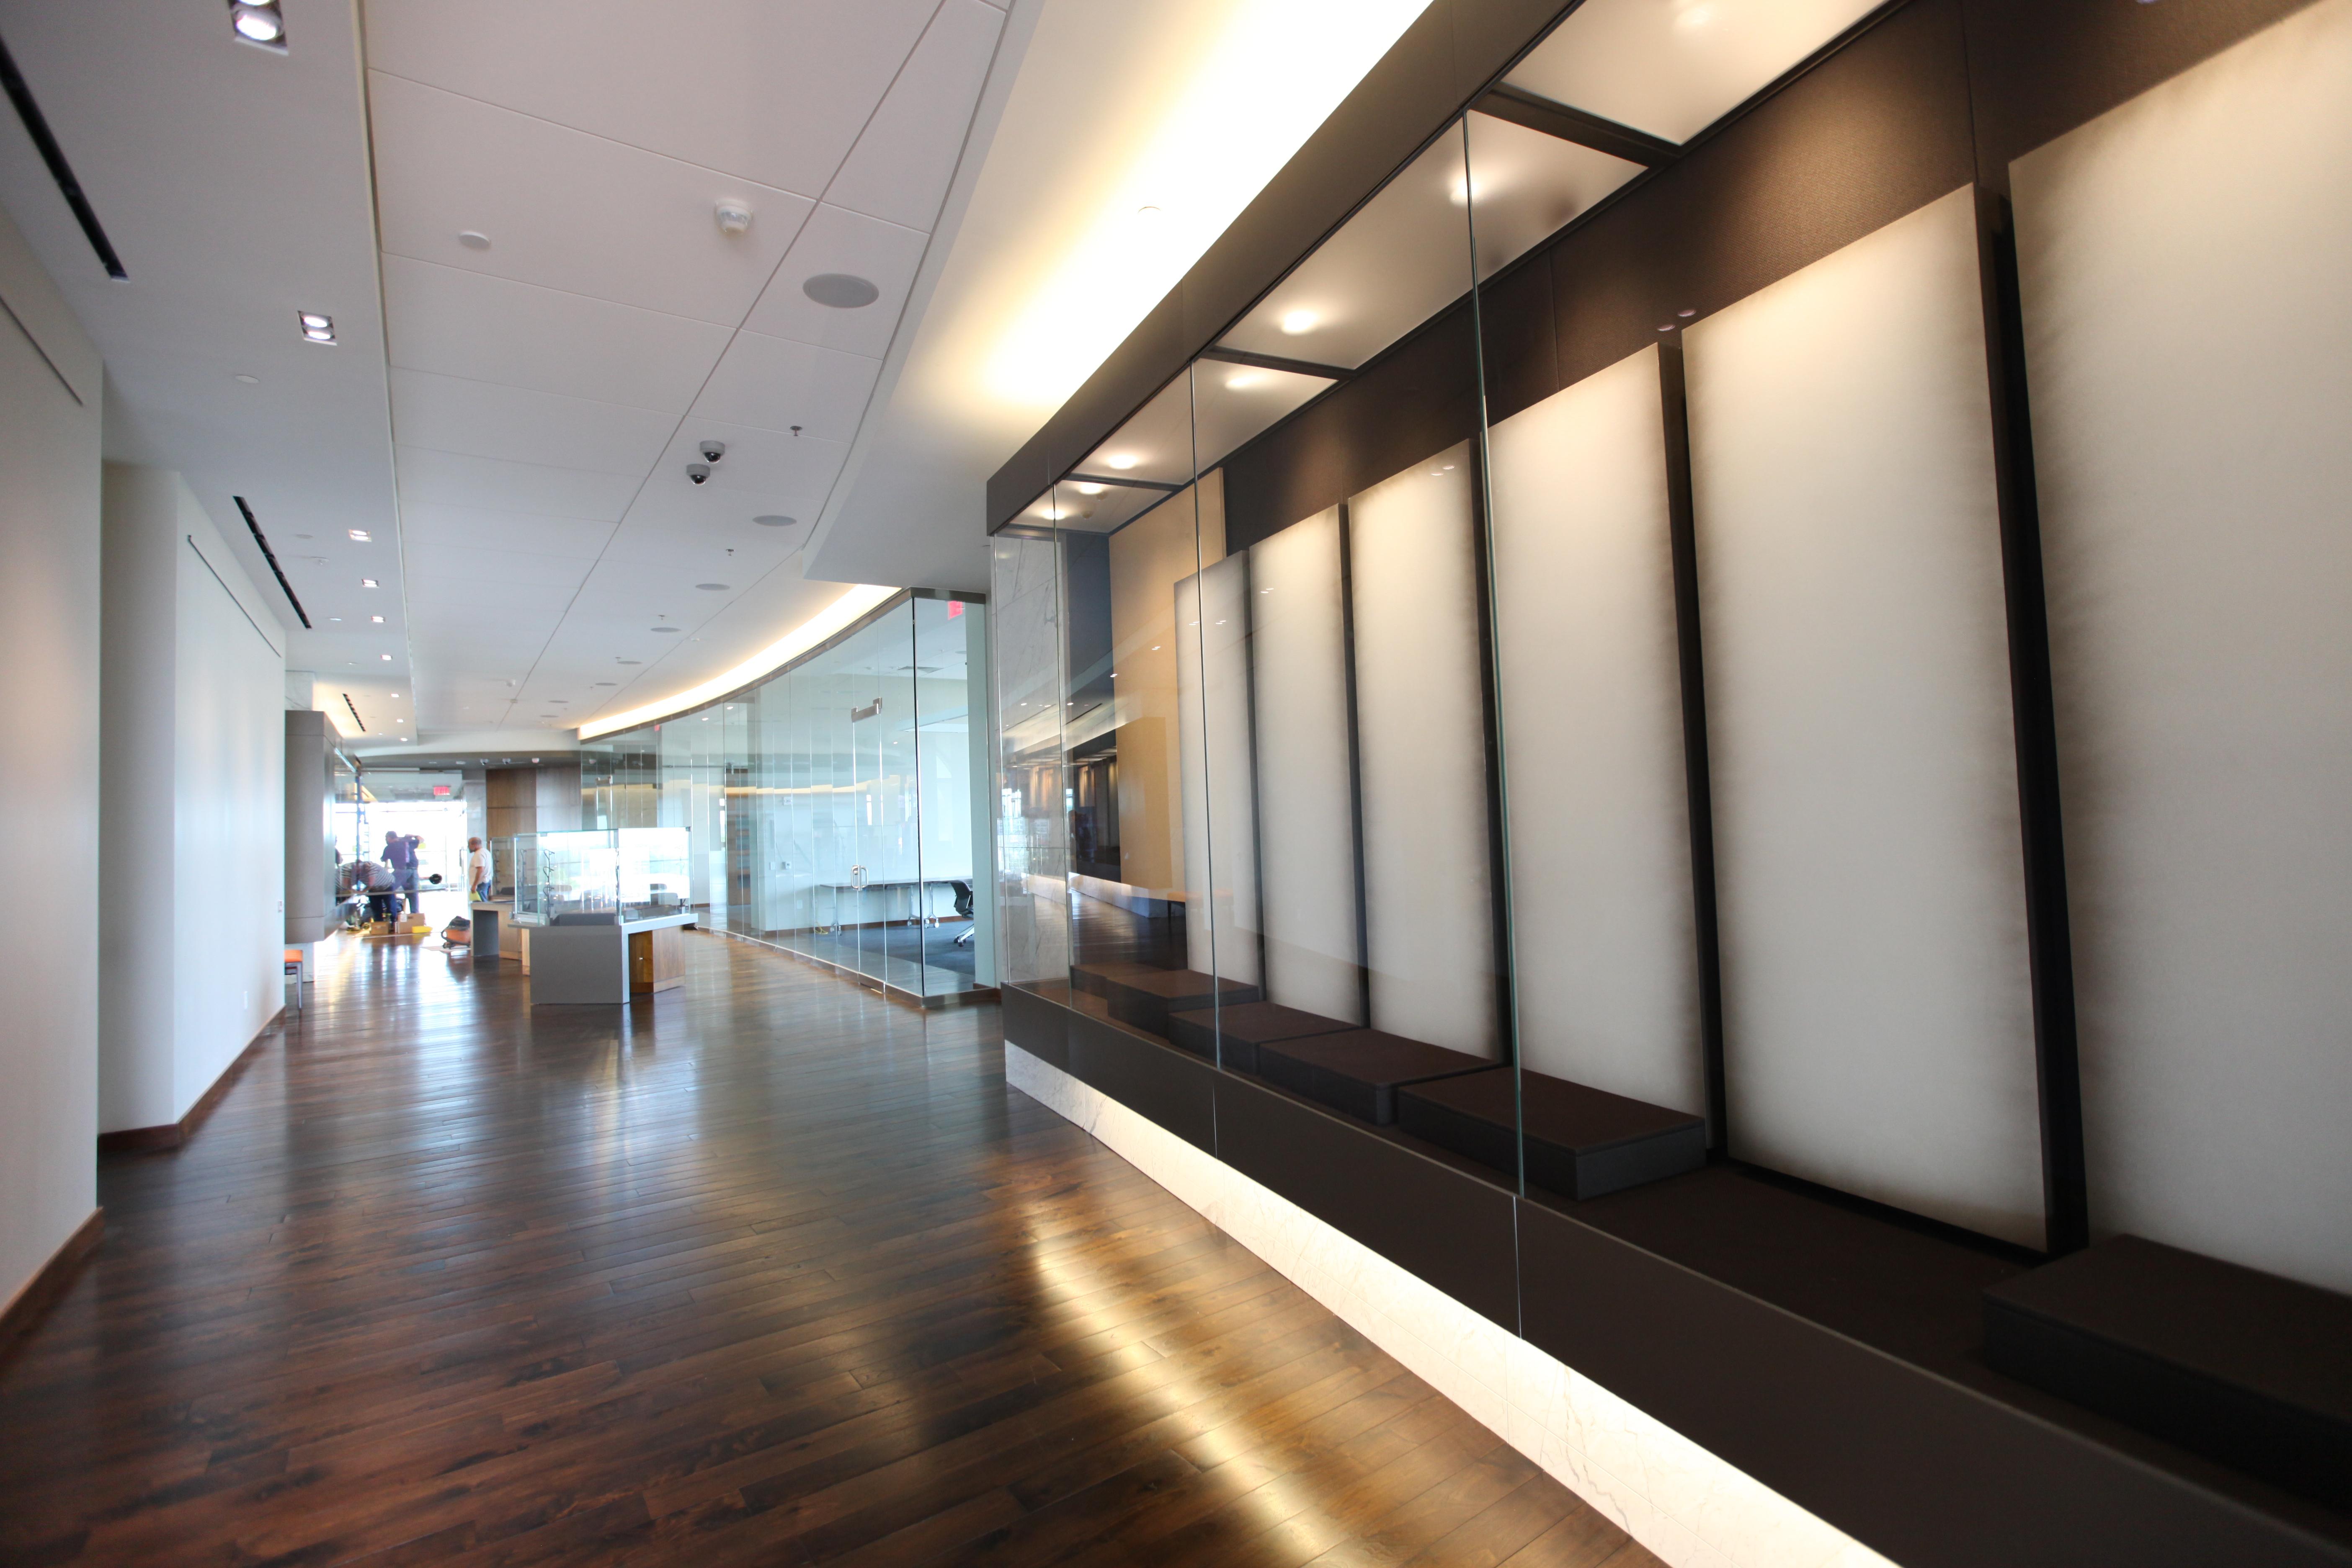 MARBL Debuts New, Spacious Facilities